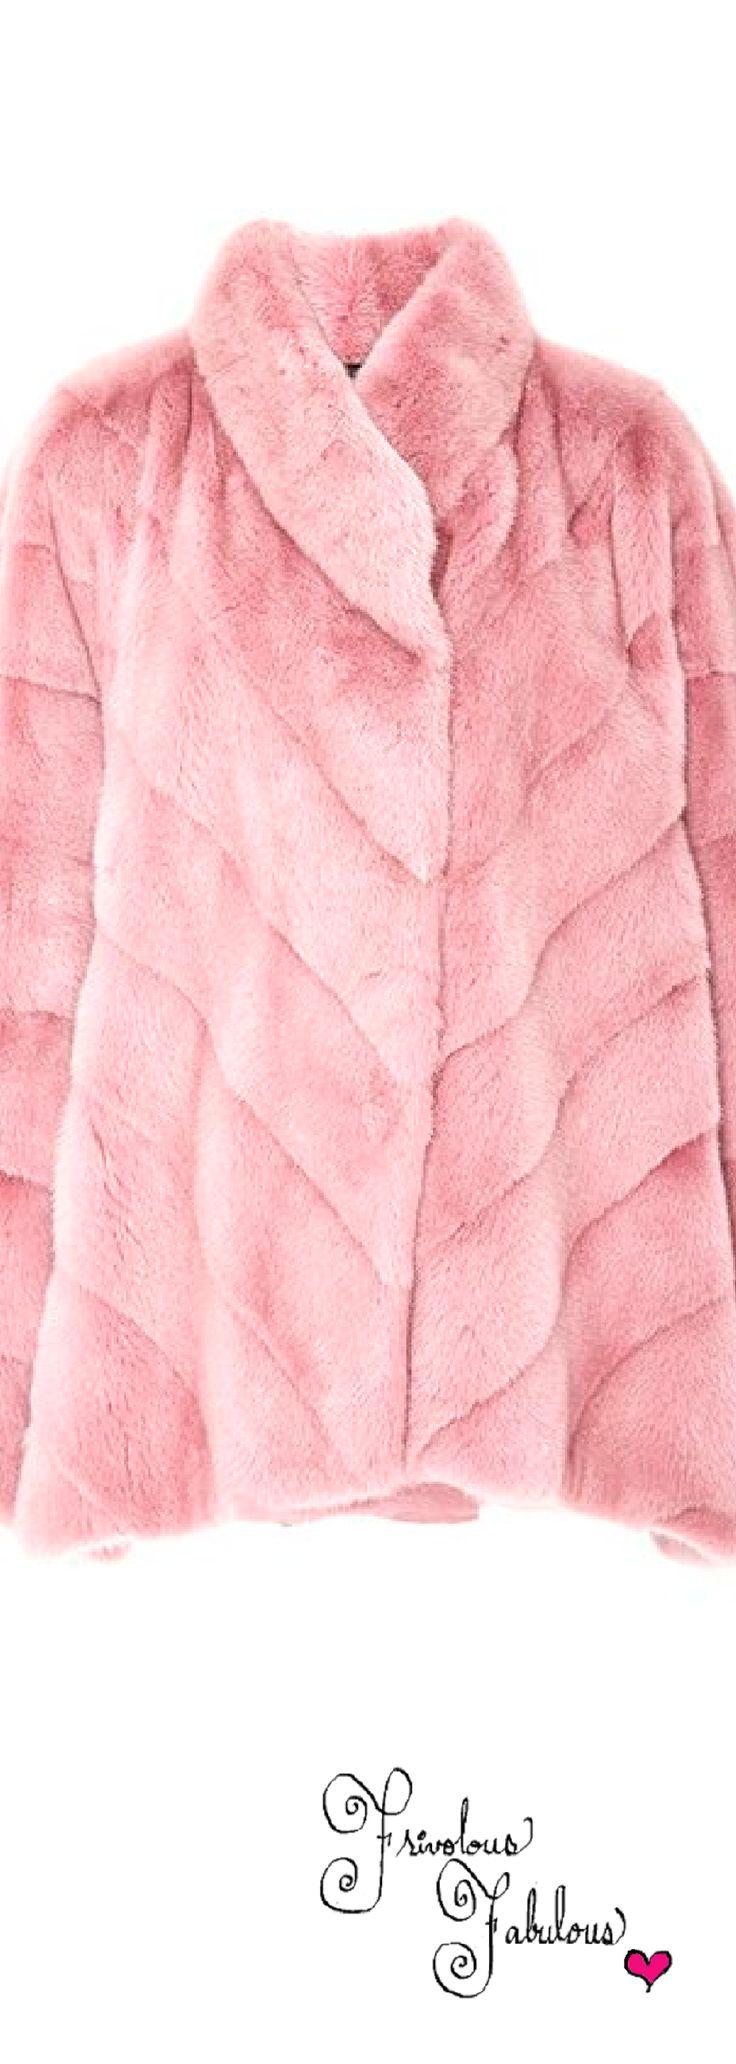 Frivolous Fabulous -  Reversible Mink Jacket by Helen Yarmak for Miss Frivolous Fabulous